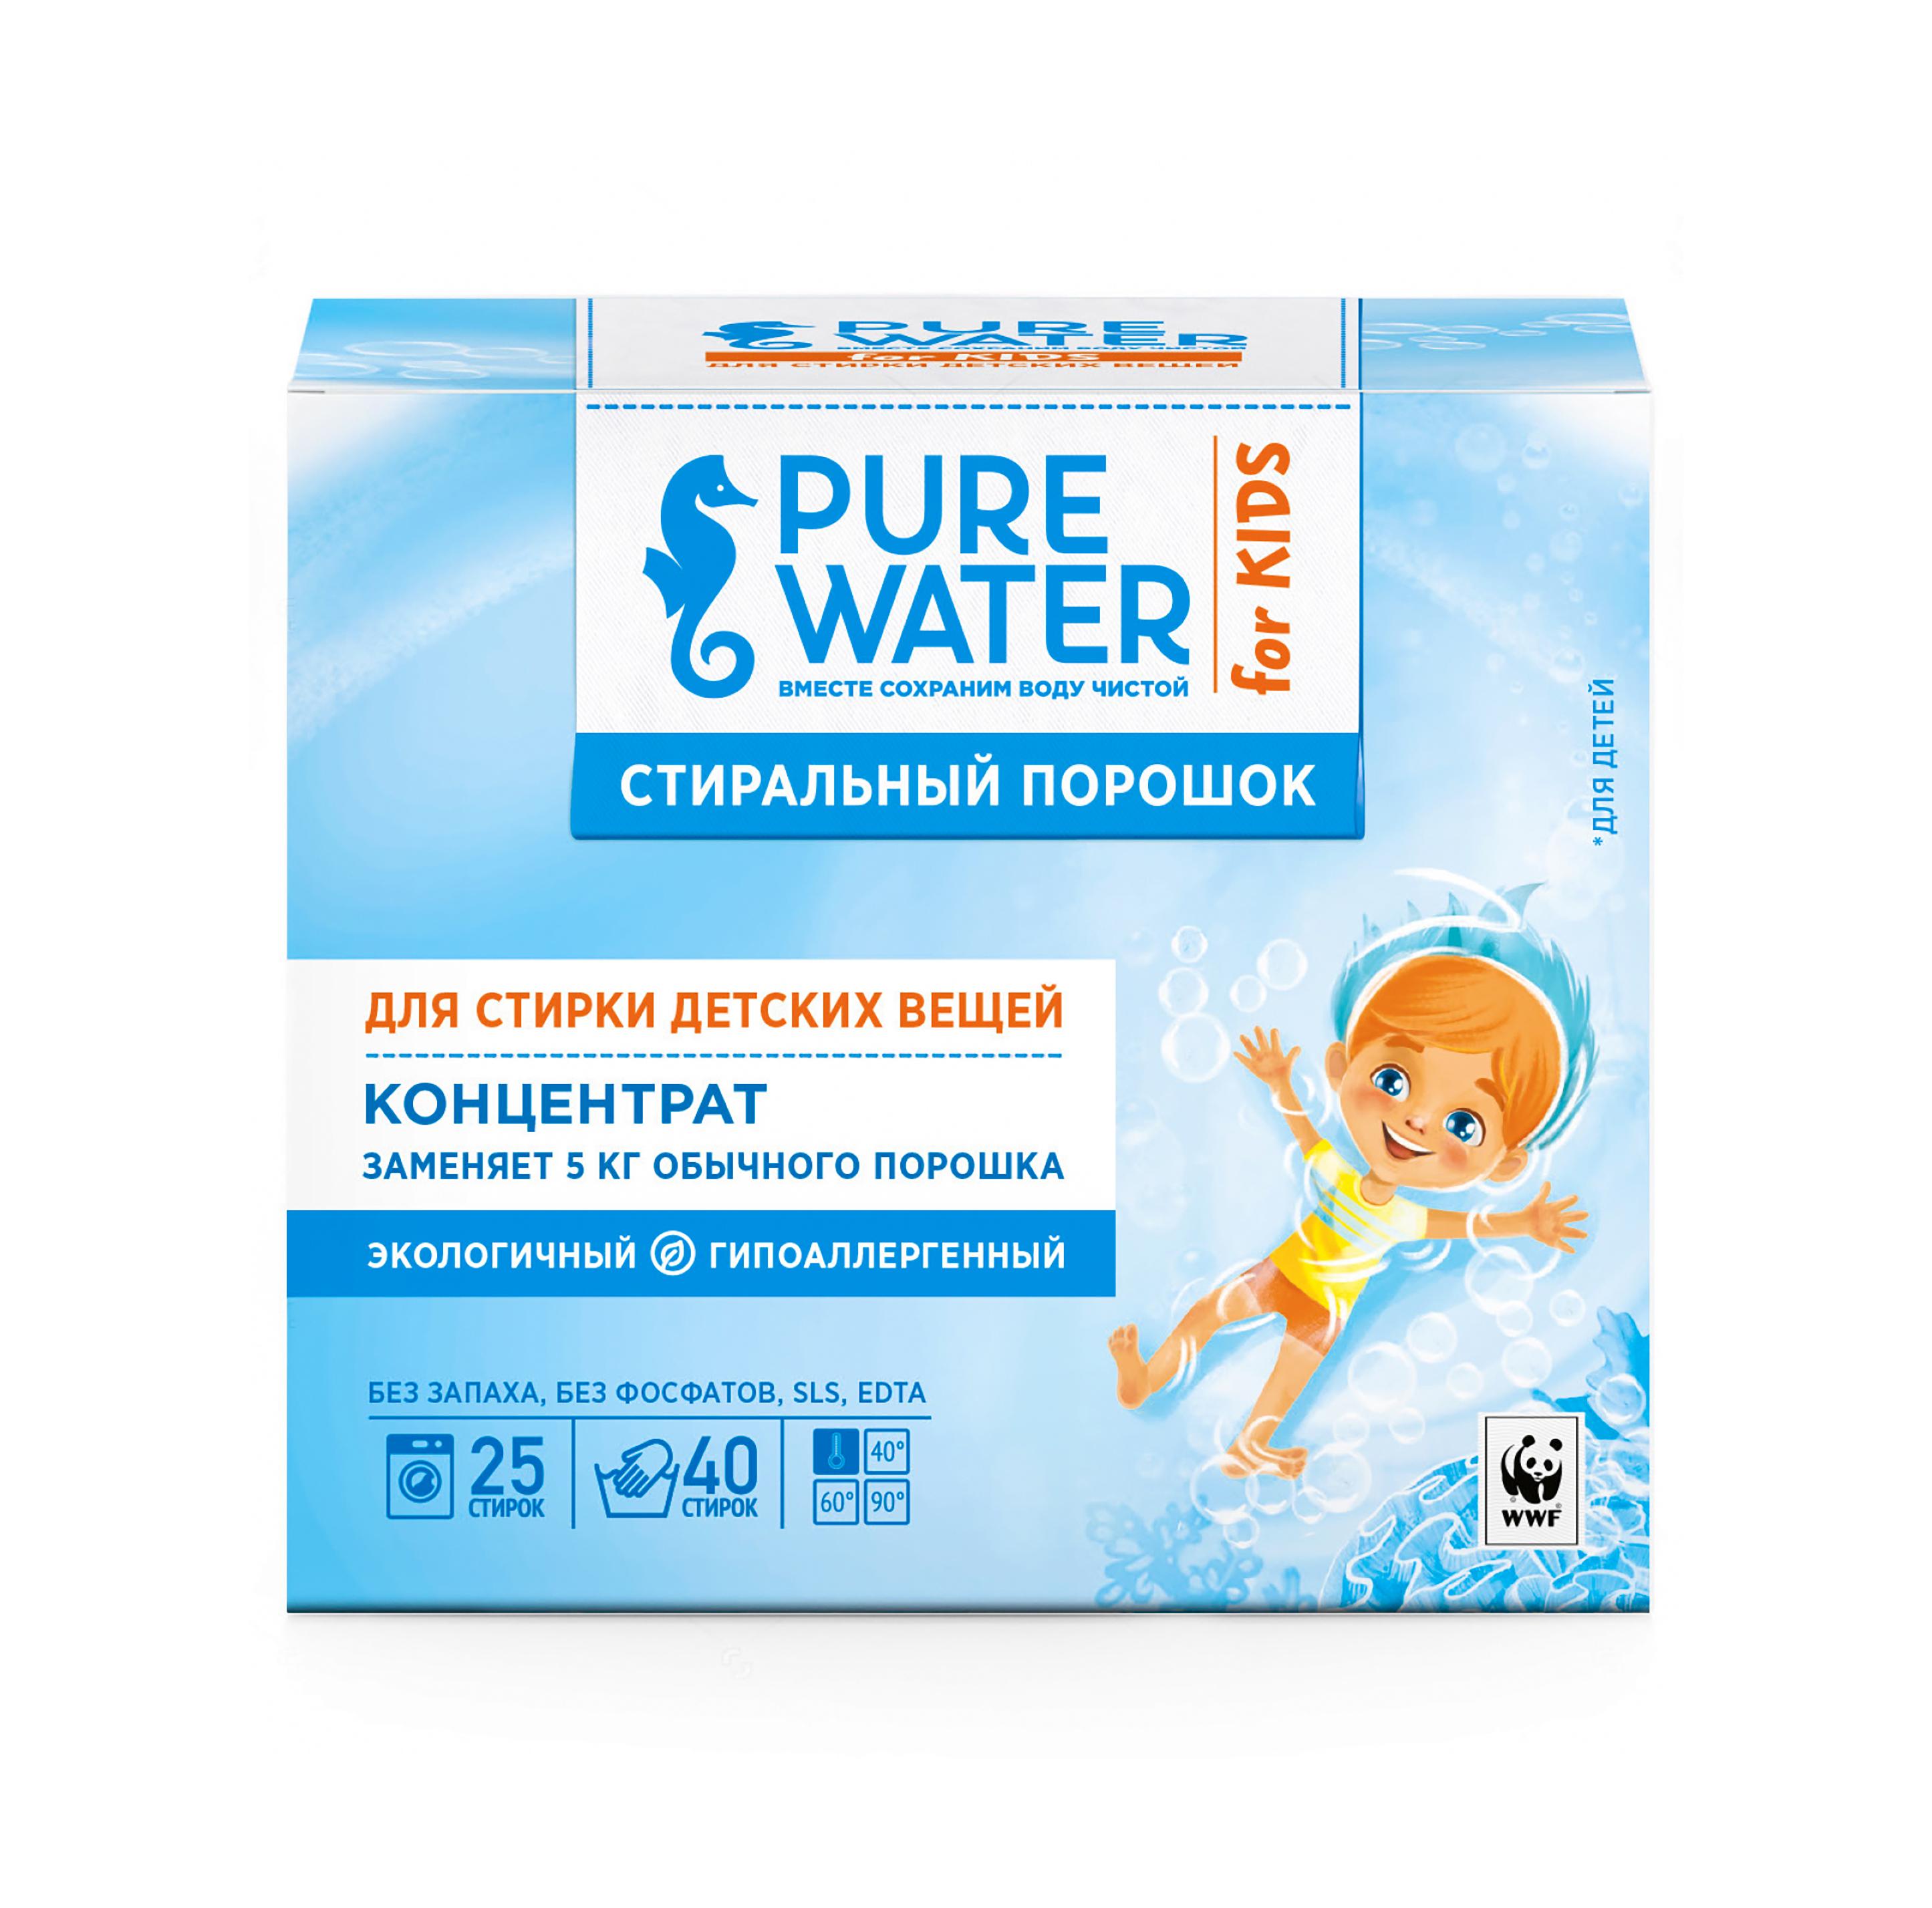 Стиральный порошок pure water для детского белья, 800 г стиральный порошок обычный порошок 800 гр ручная стирка